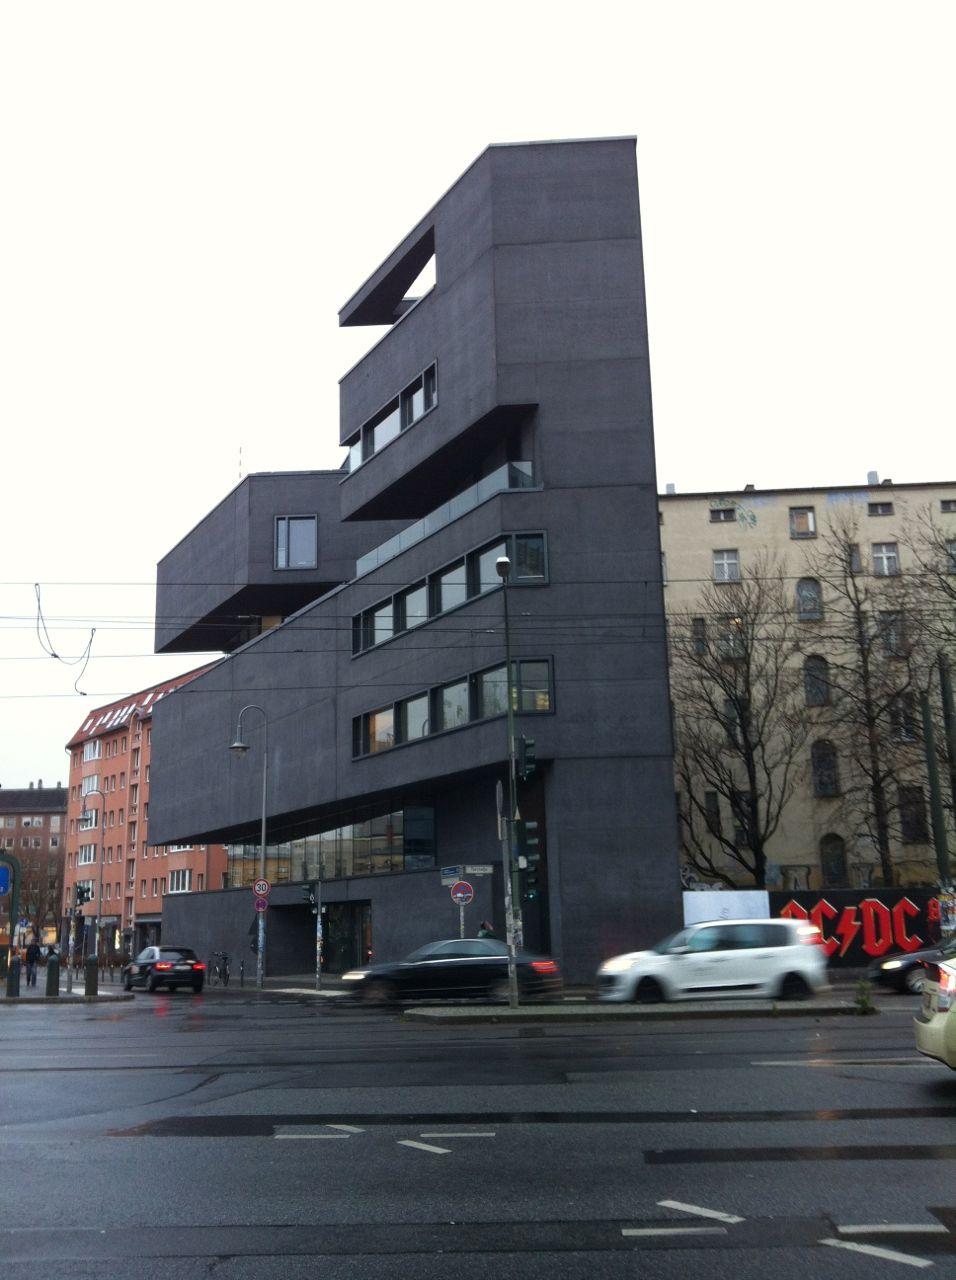 Berlin modern architecture